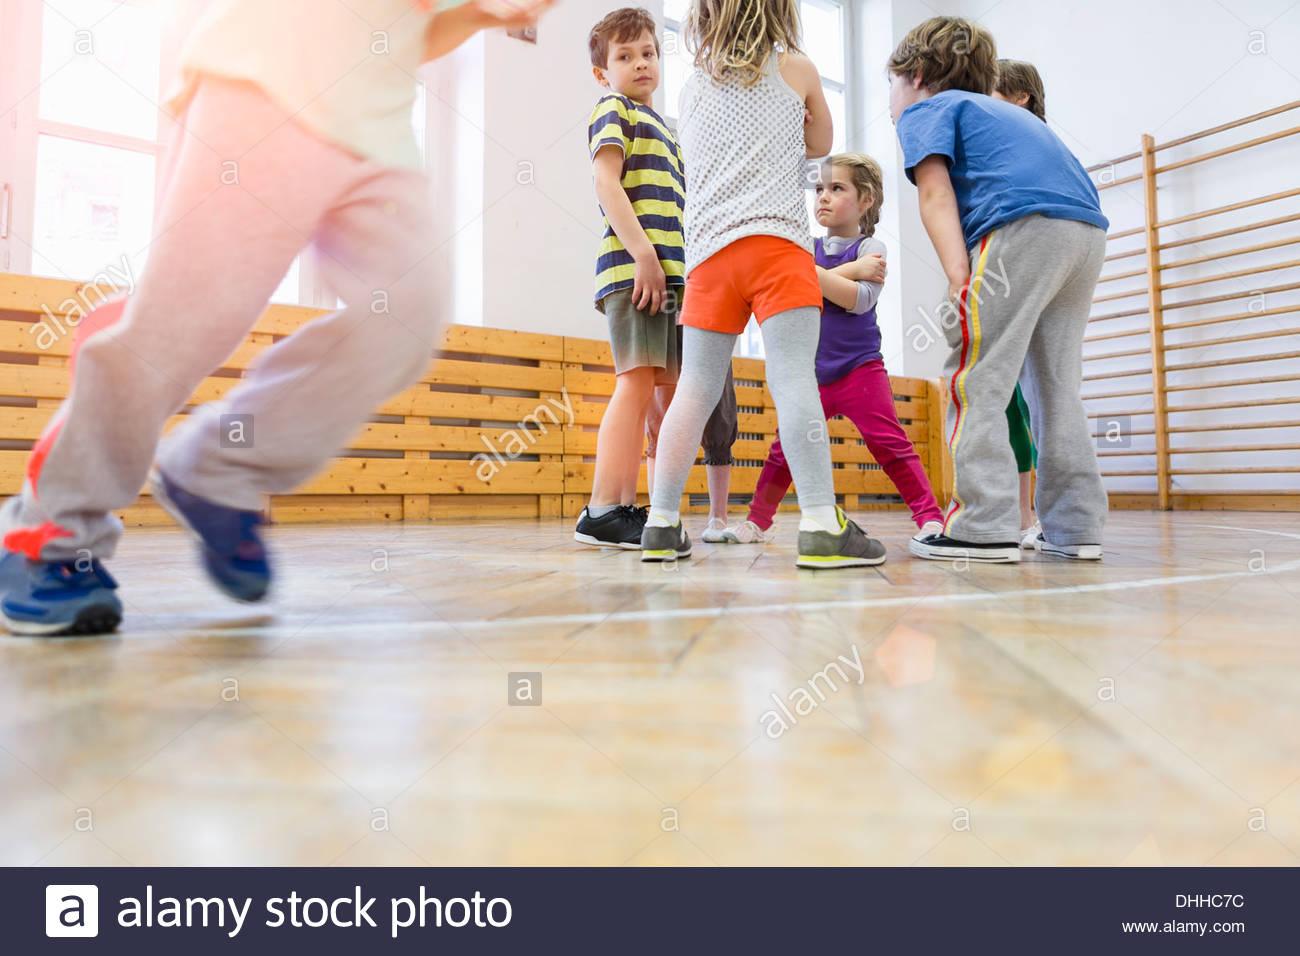 Mädchen spielen in der Turnhalle Stockbild